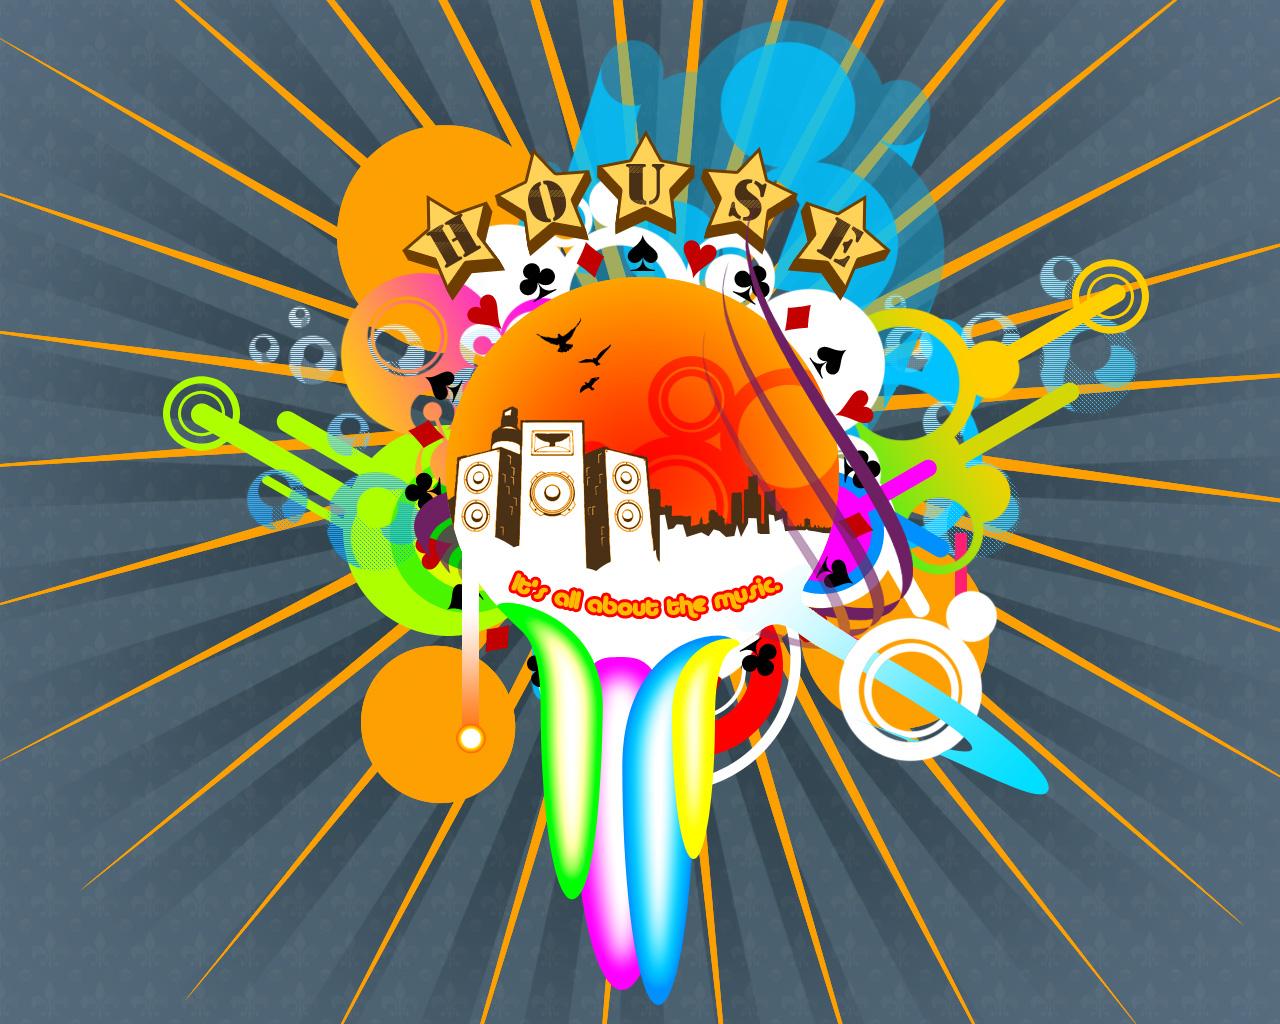 http://2.bp.blogspot.com/-FzcfcZYmT8o/TVkjacaoNoI/AAAAAAAAAs4/QPYn4SOQ_64/s1600/House_Music_Wallpaper_by_Misogii.jpg